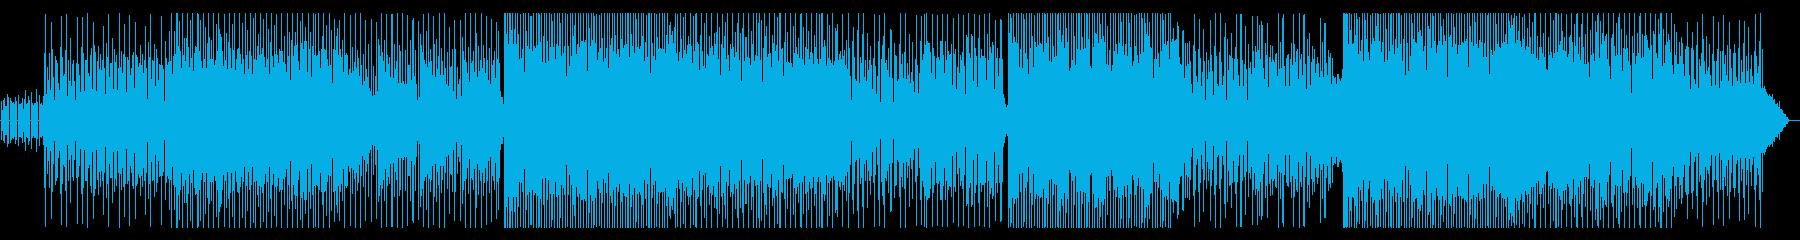 恋愛ジレンマポップスの再生済みの波形